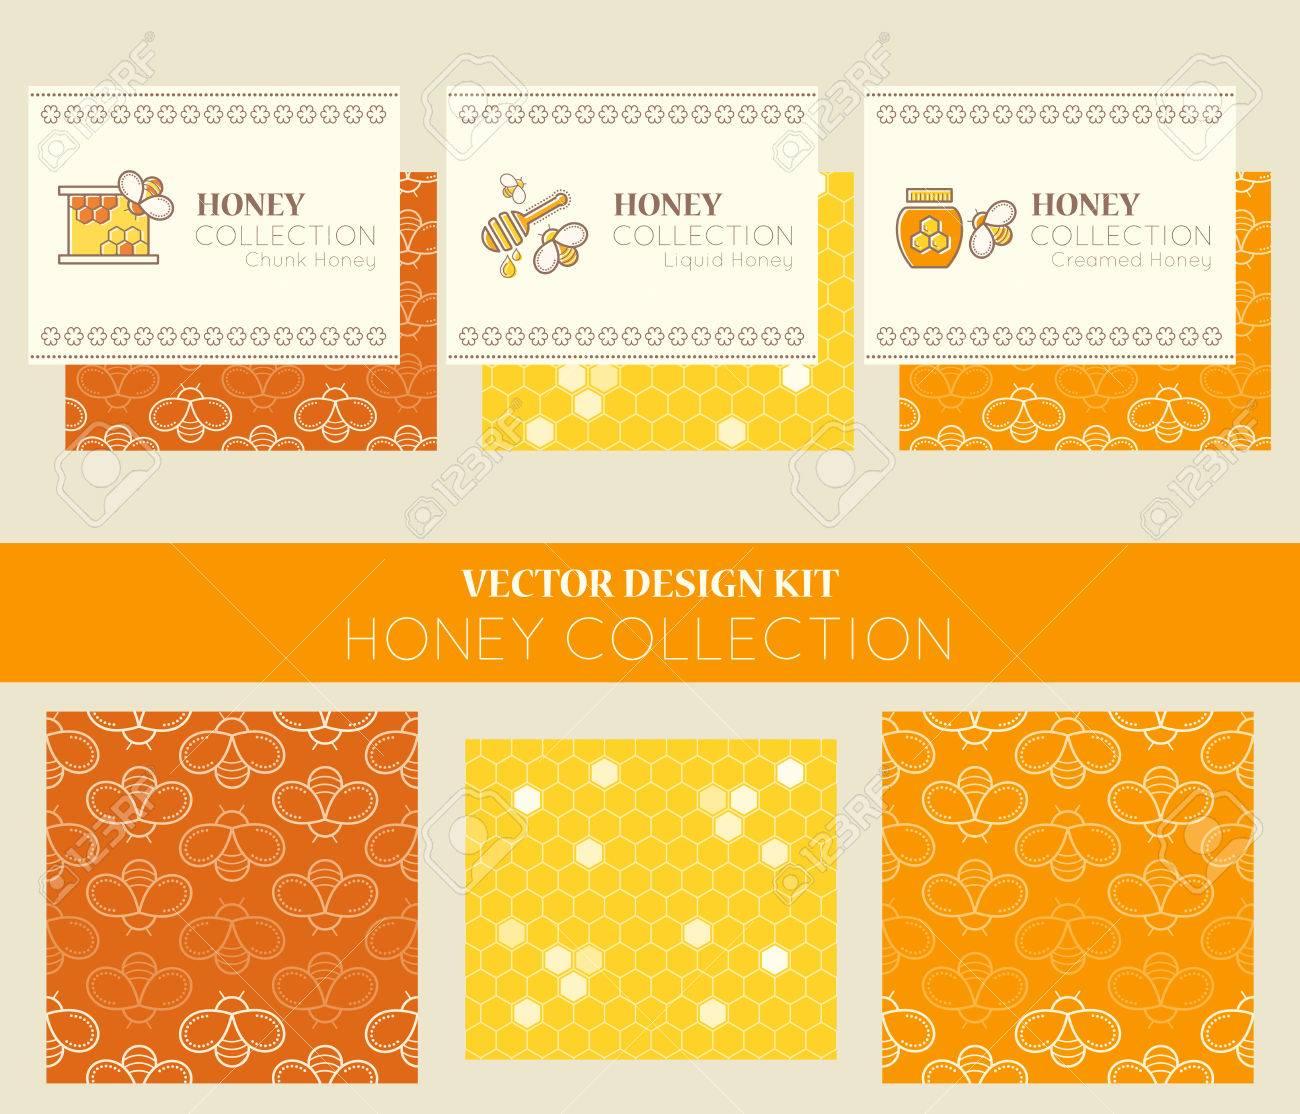 Vector Conception Kit Avec Des Modeles De Cartes Visite Et Les Sans Couture La Recolte Du Miel Naturel Types